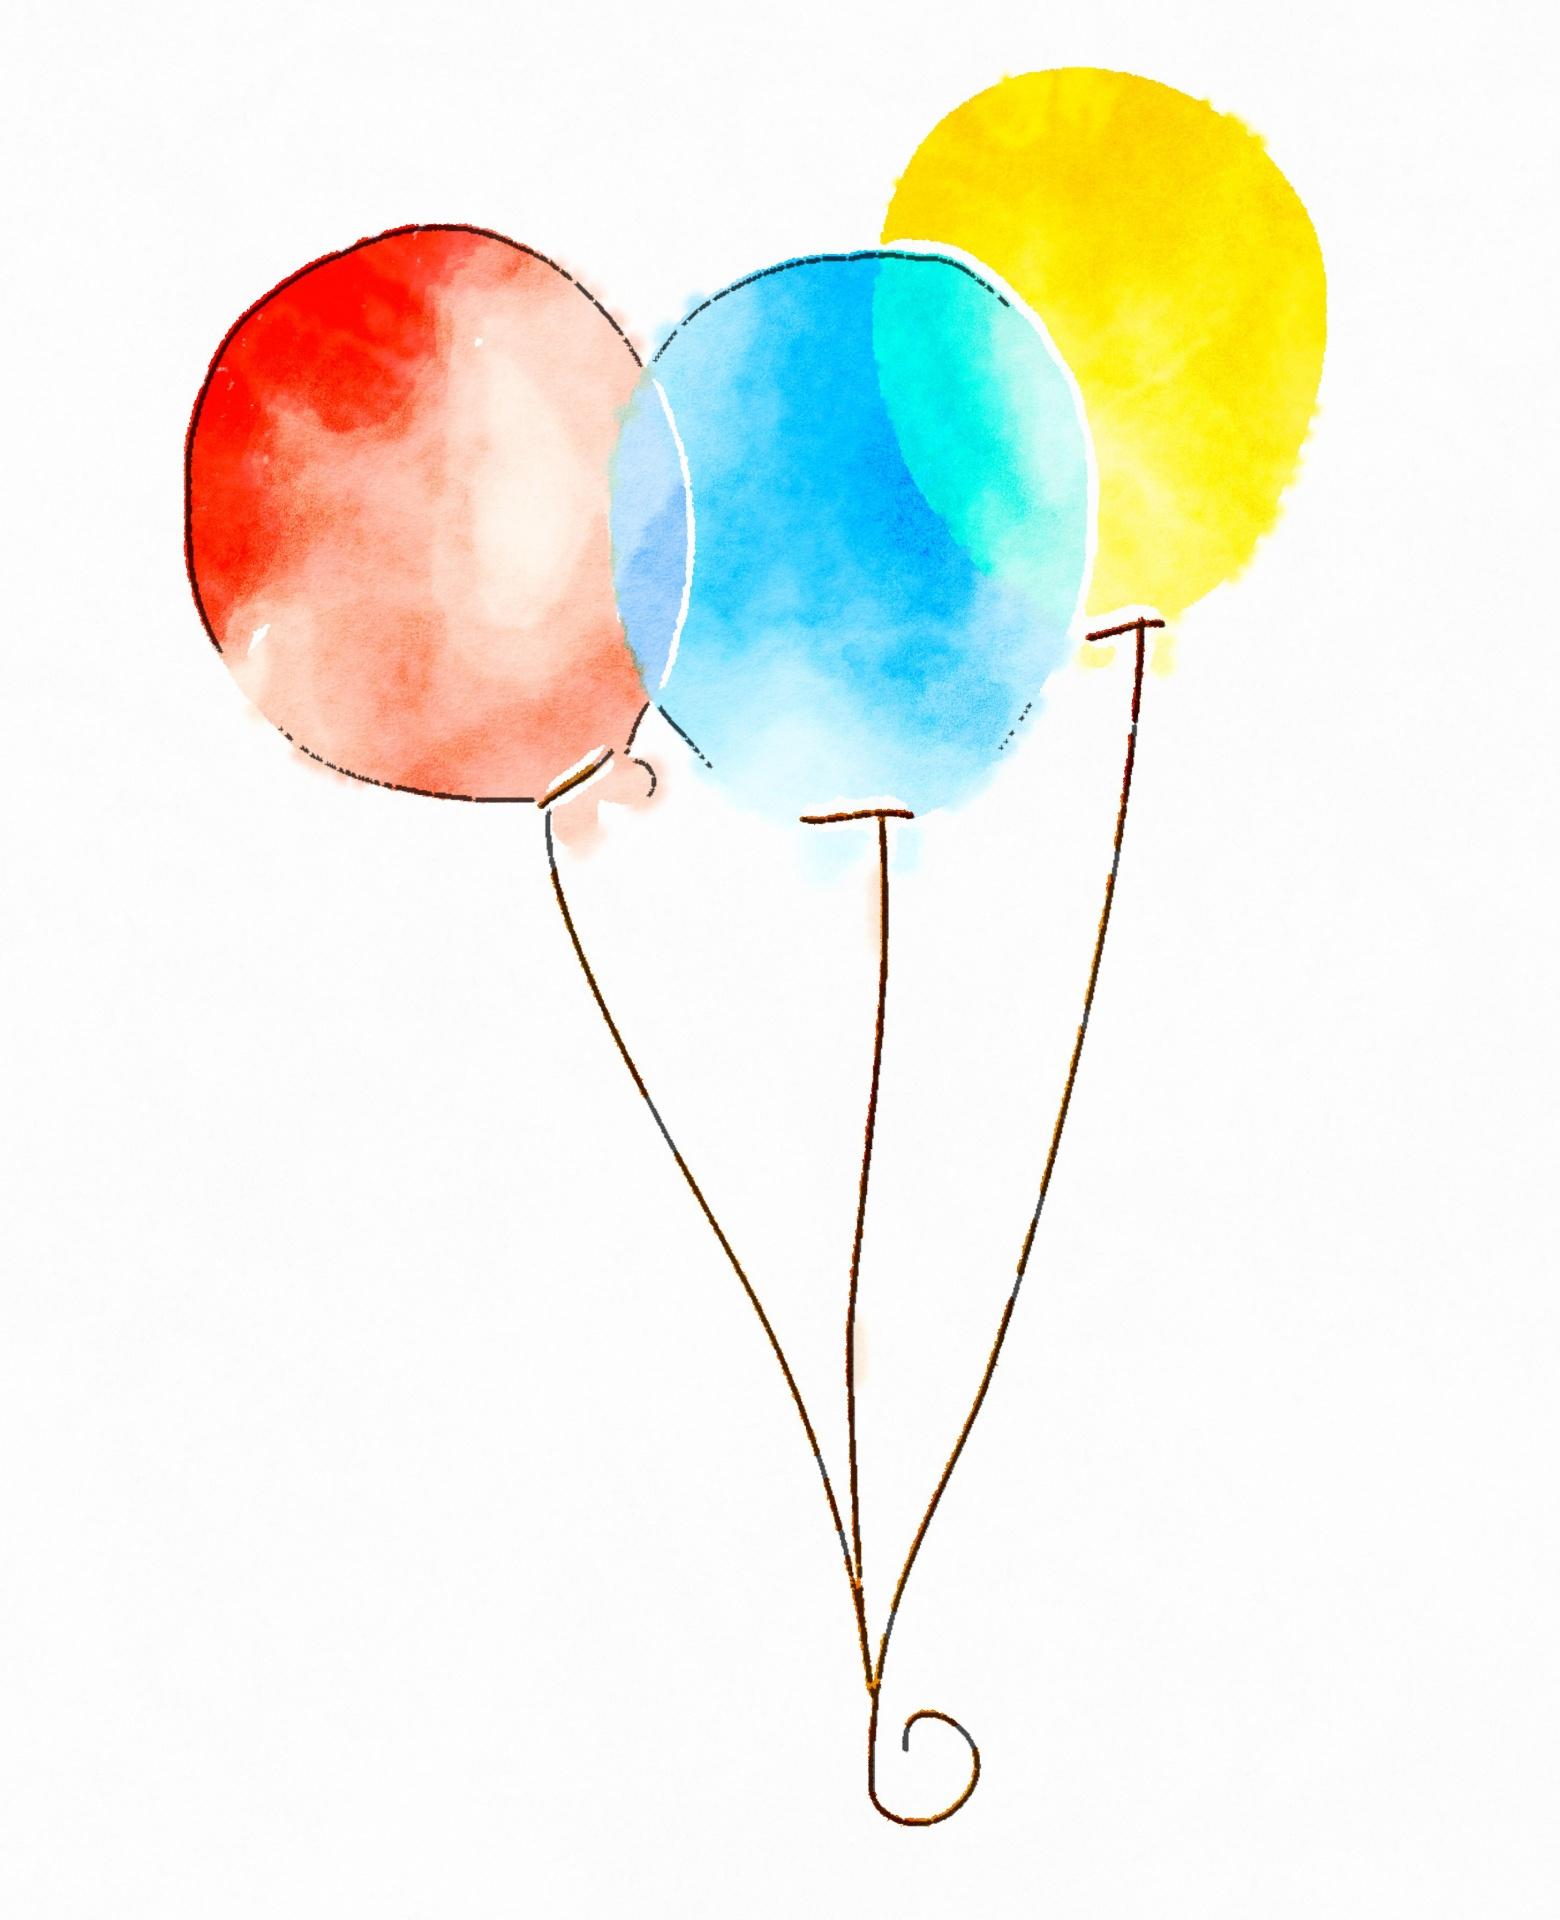 1560x1920 Balloons Free Stock Photo